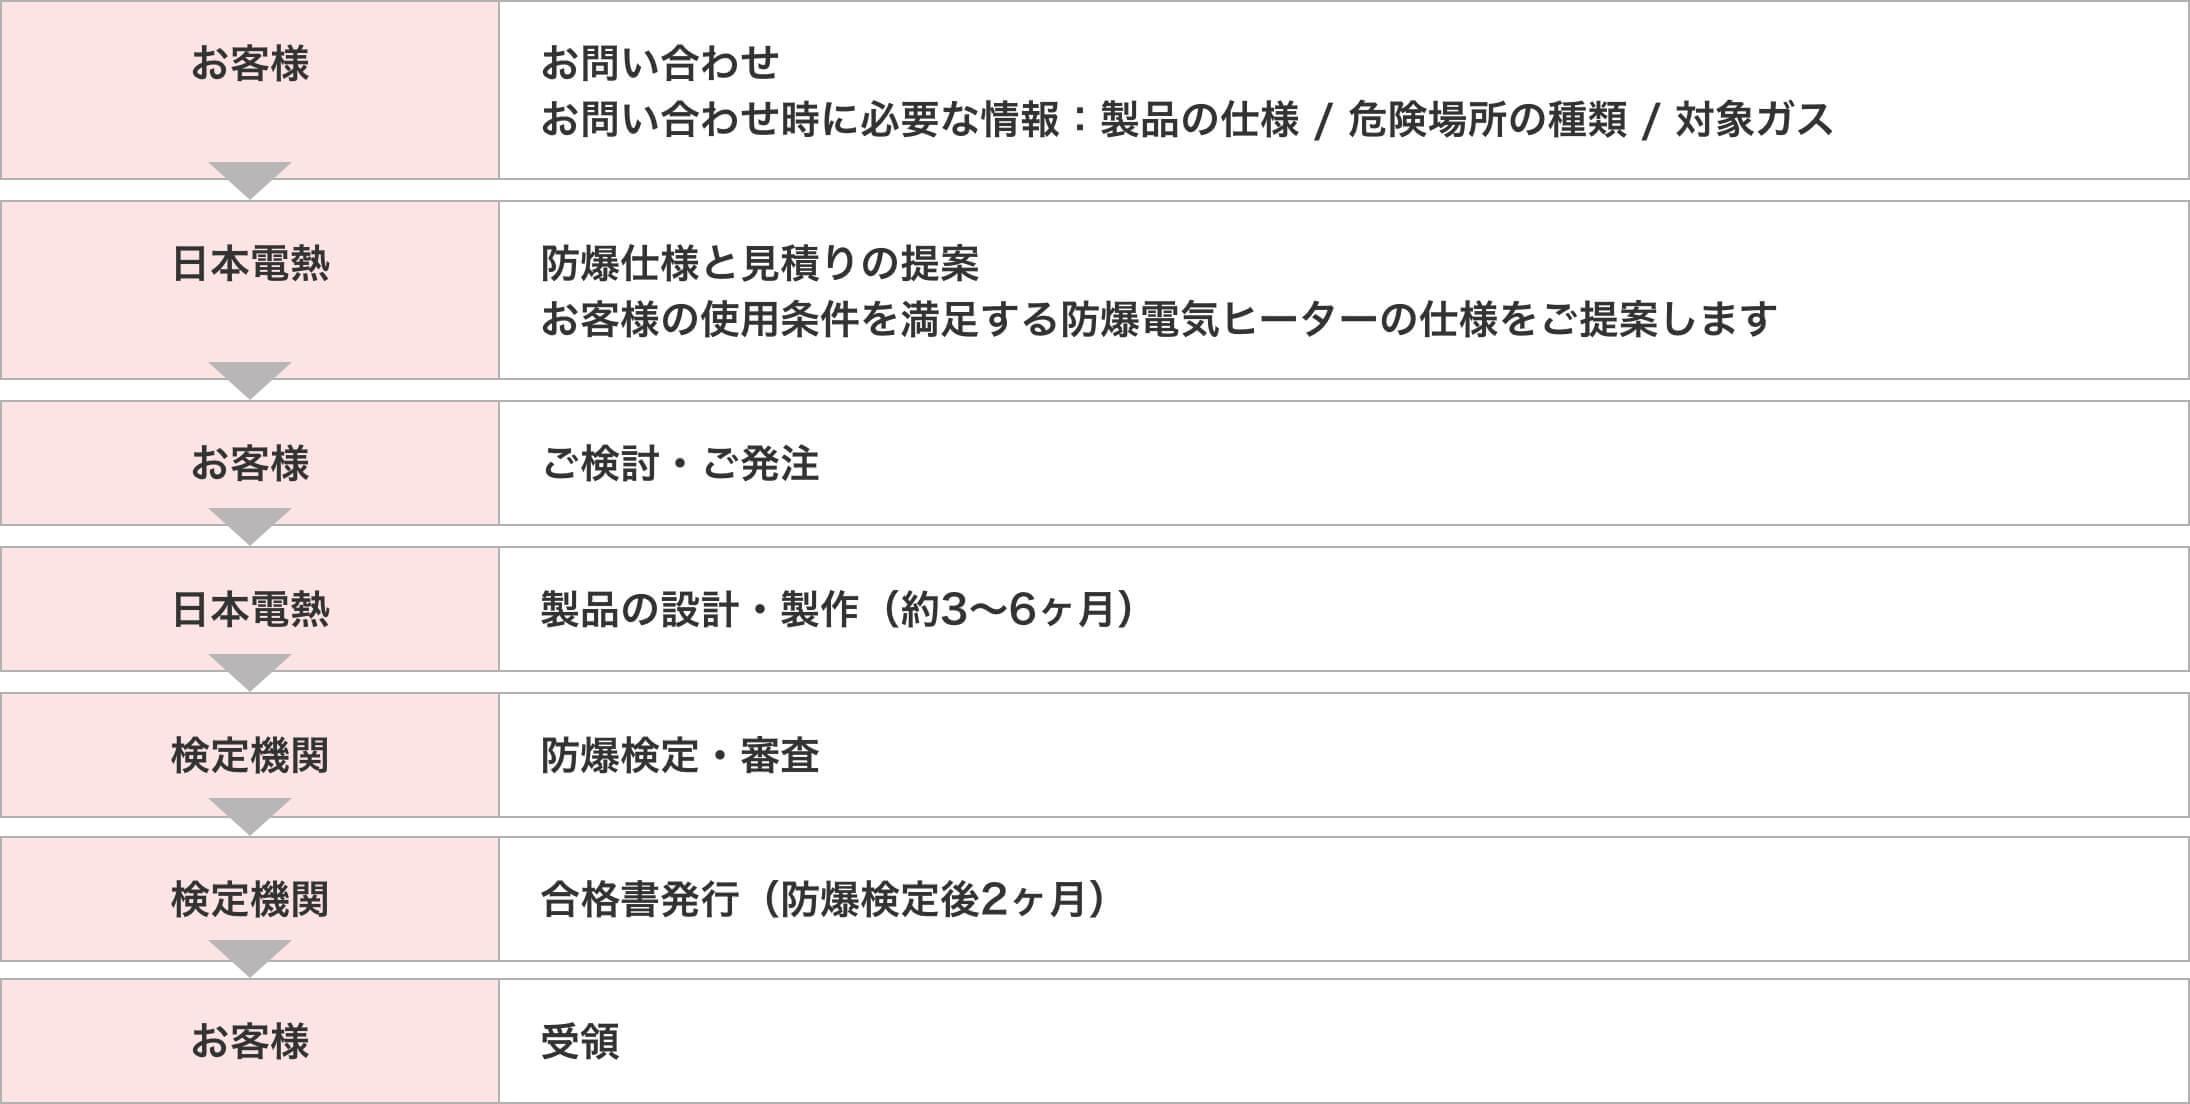 ①お客様からお問い合わせ(お問い合わせ時に必要な情報:製品の仕様、危険場所の種類、対象ガス)②日本電熱から防爆仕様と見積の提案(お客様の使用条件を満足する防爆電気ヒーターの仕様をご提案します)③お客様からご検討、ご発注④ 日本電熱から製品の設計・製作(約3〜6ヵ月)⑤検定機関:防爆検定・審査⑥検定機関:合格書発行(防爆検定後 約2ヵ月)⑦お客様:受領